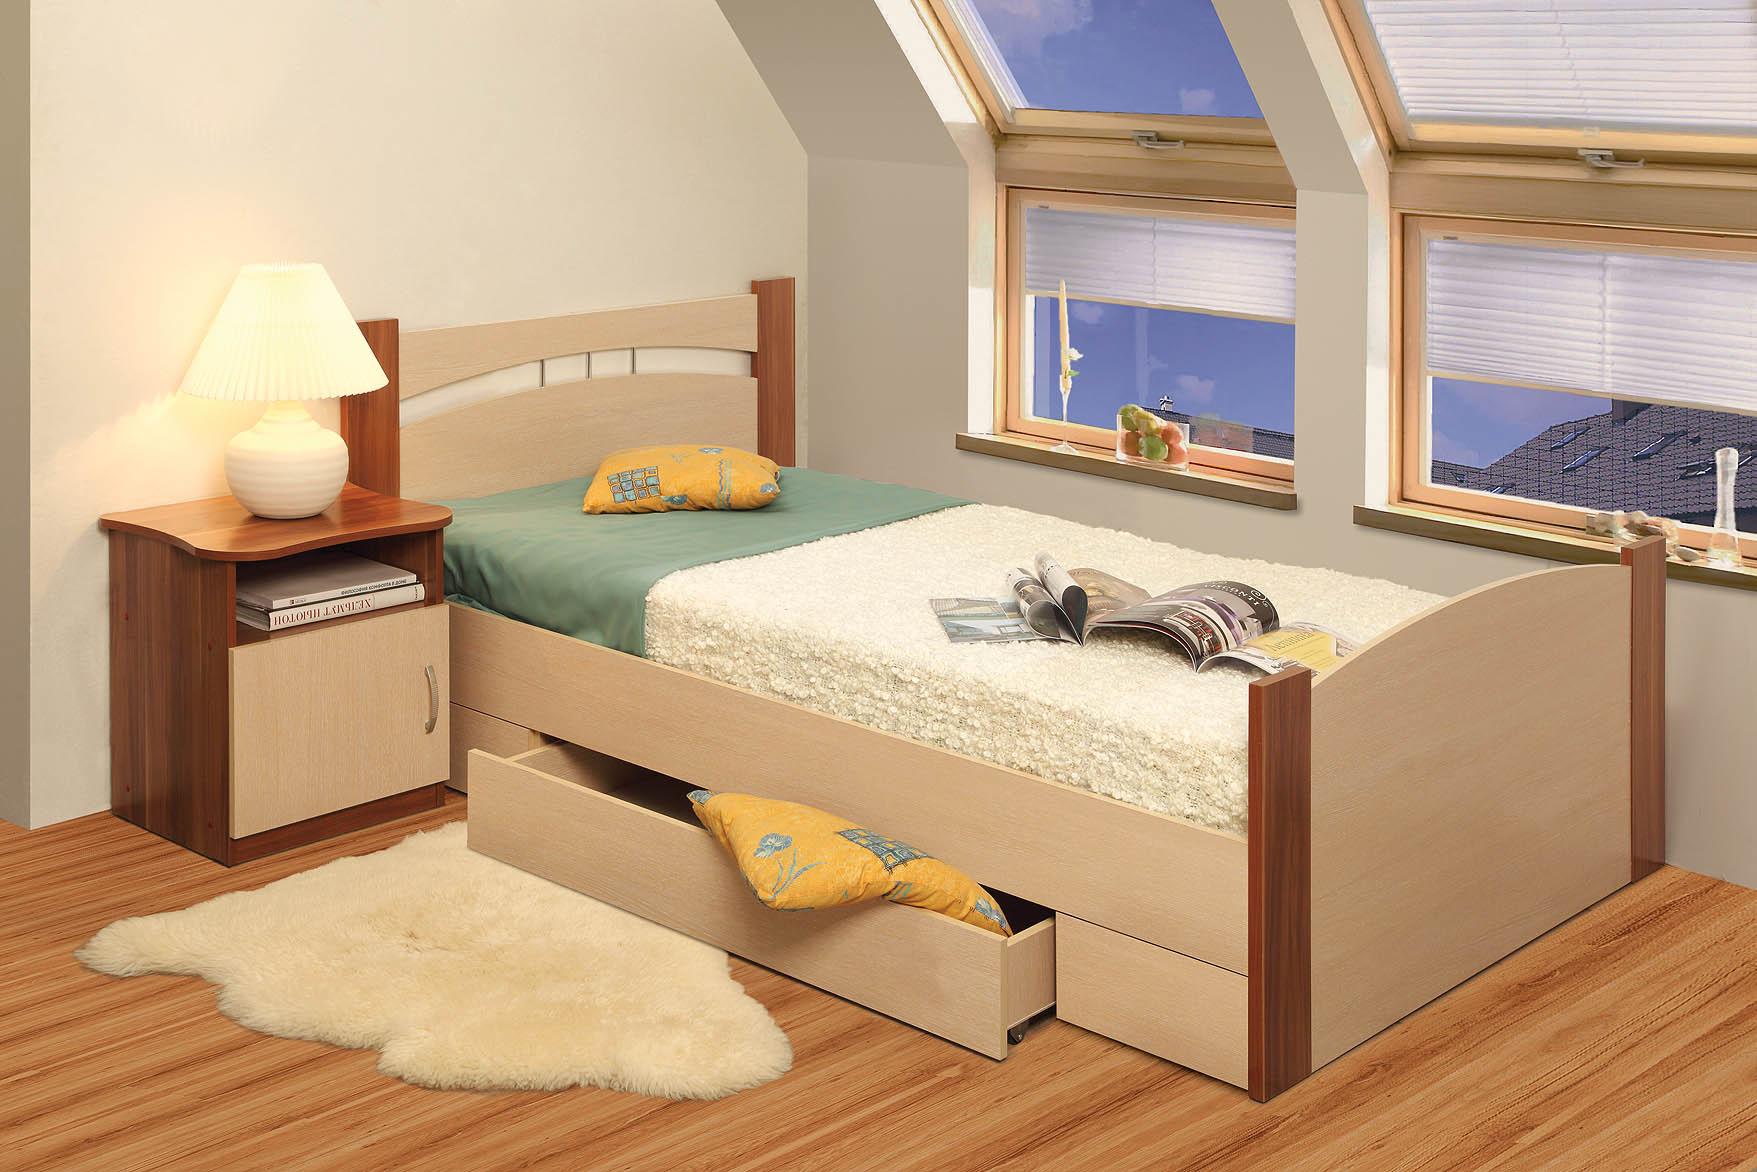 cama doble con cajones para el almacenamiento